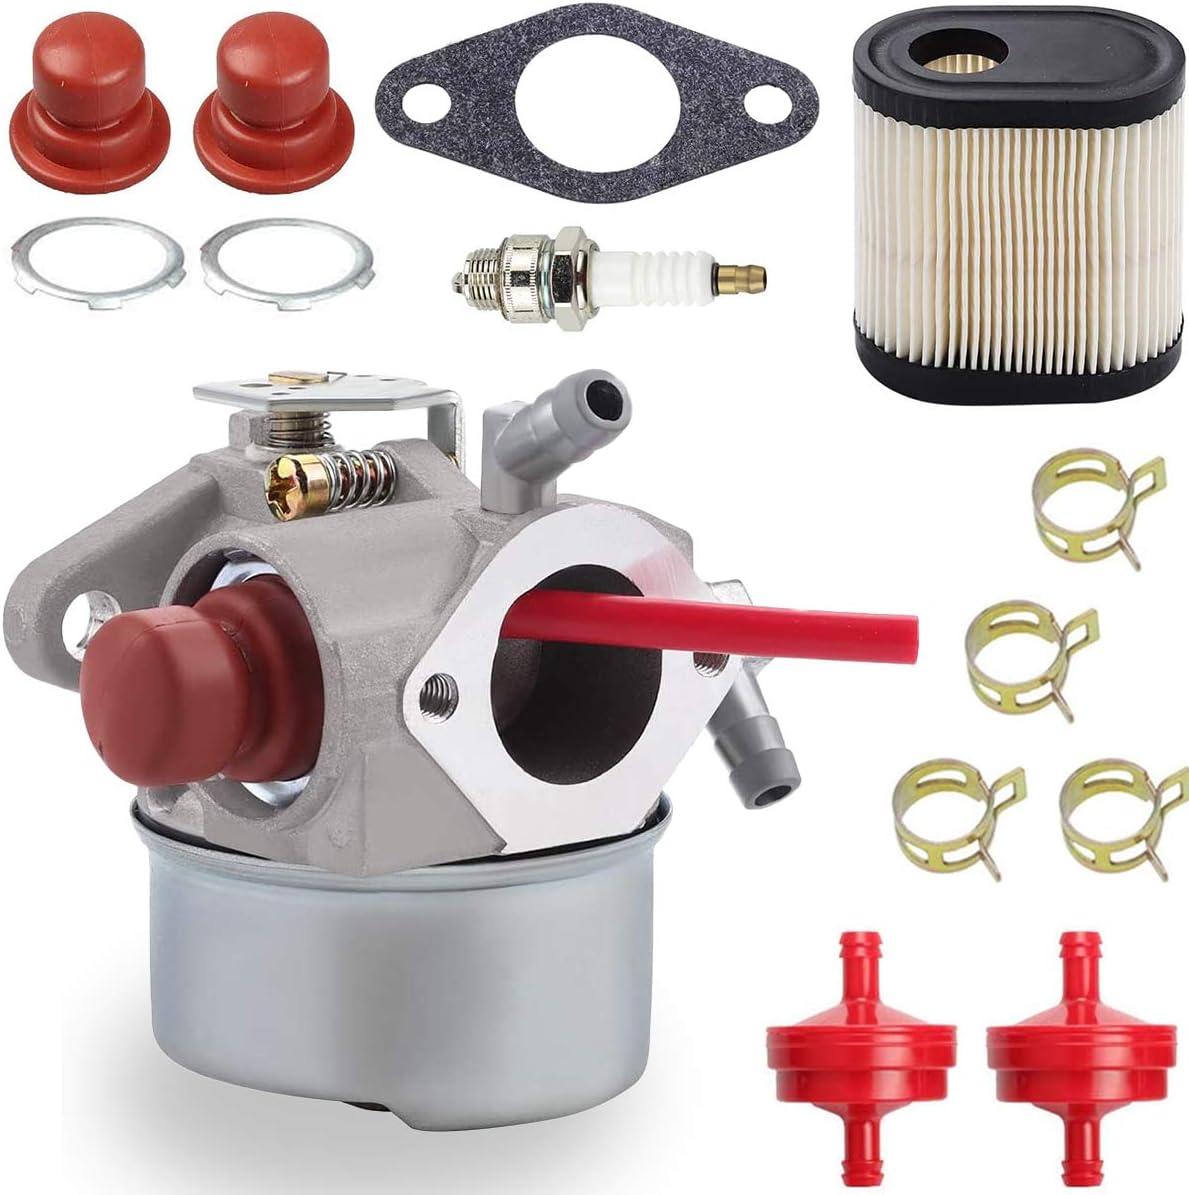 ZAMDOE 640350 Carburador para Tecumseh 640303 640278 640271 640338 LEV100 LEV105 LEV120 LV195EA LV195XA Toro 20016 20017 20018 6.75HP Recycler Motor de cortacésped